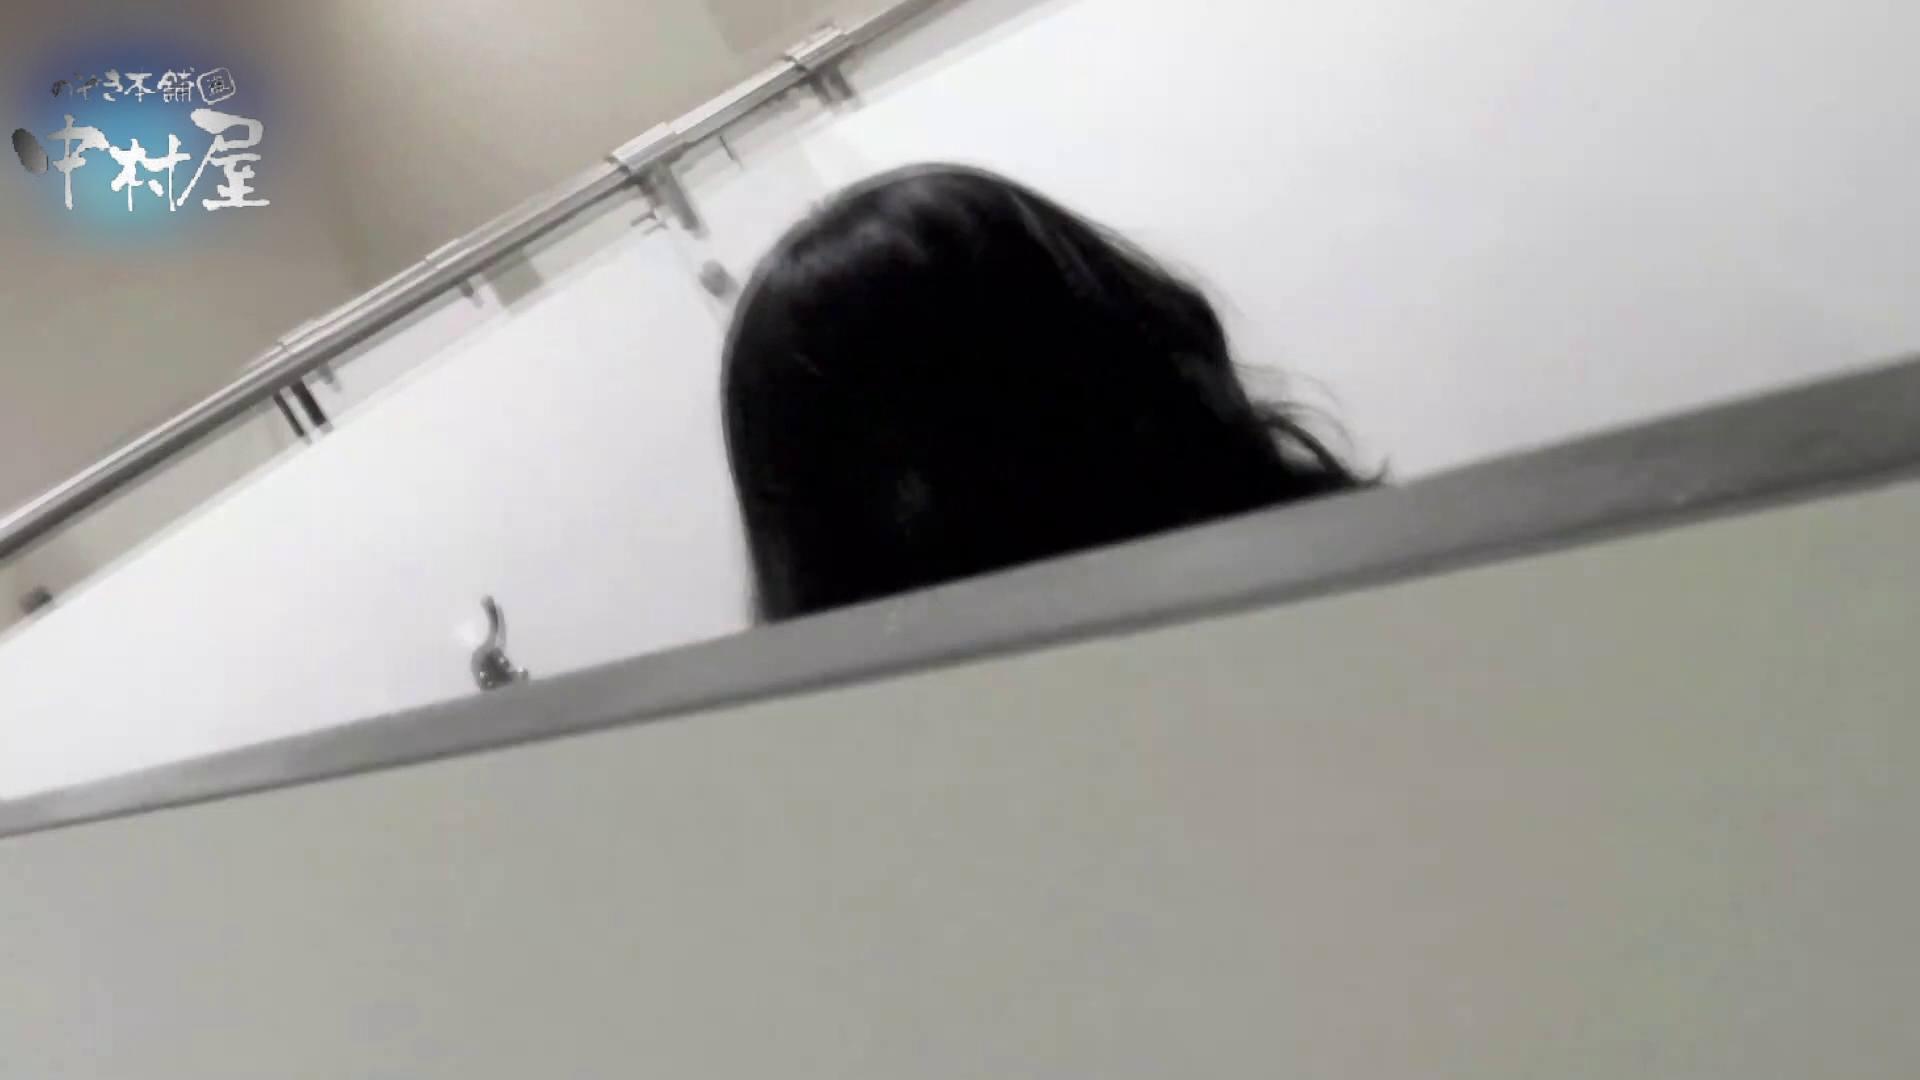 乙女集まる!ショッピングモール潜入撮vol.05 丸見え   和式  72pic 39